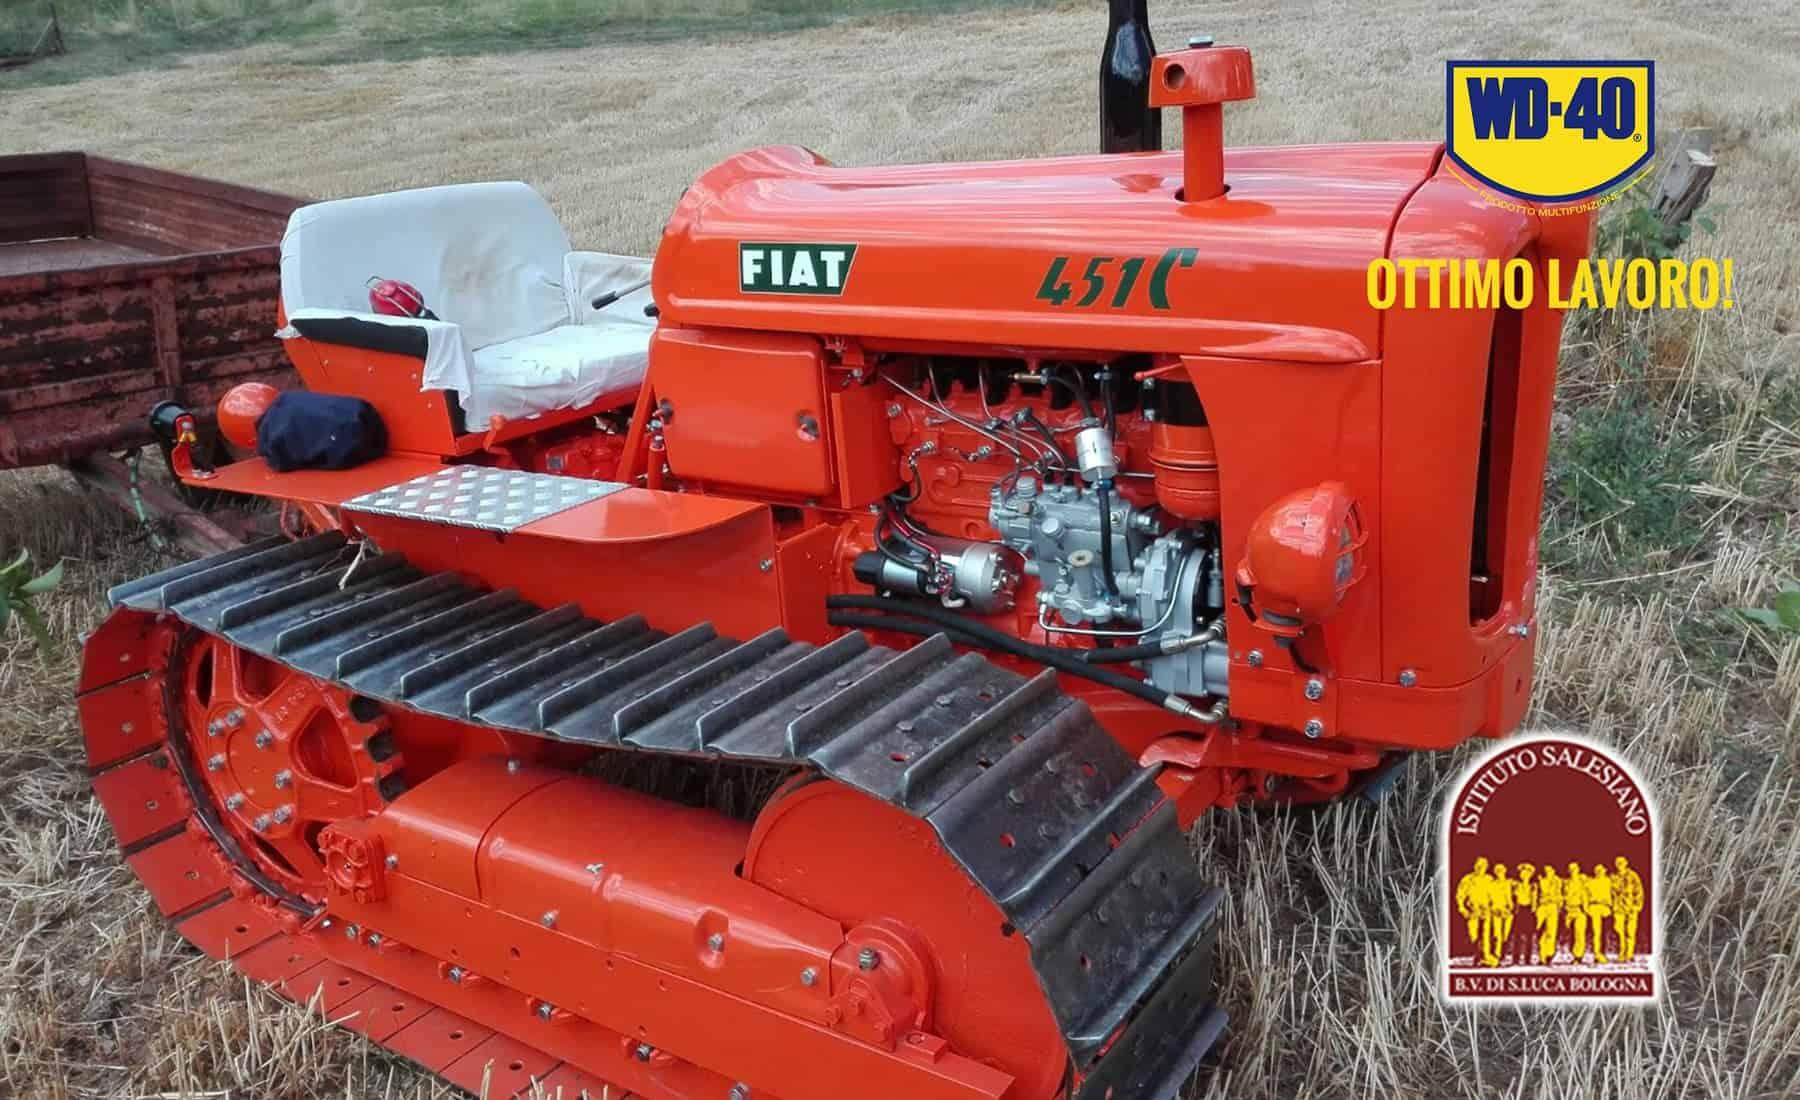 Istituto Professionale testa i prodotti WD-40 sui macchinari agricoli